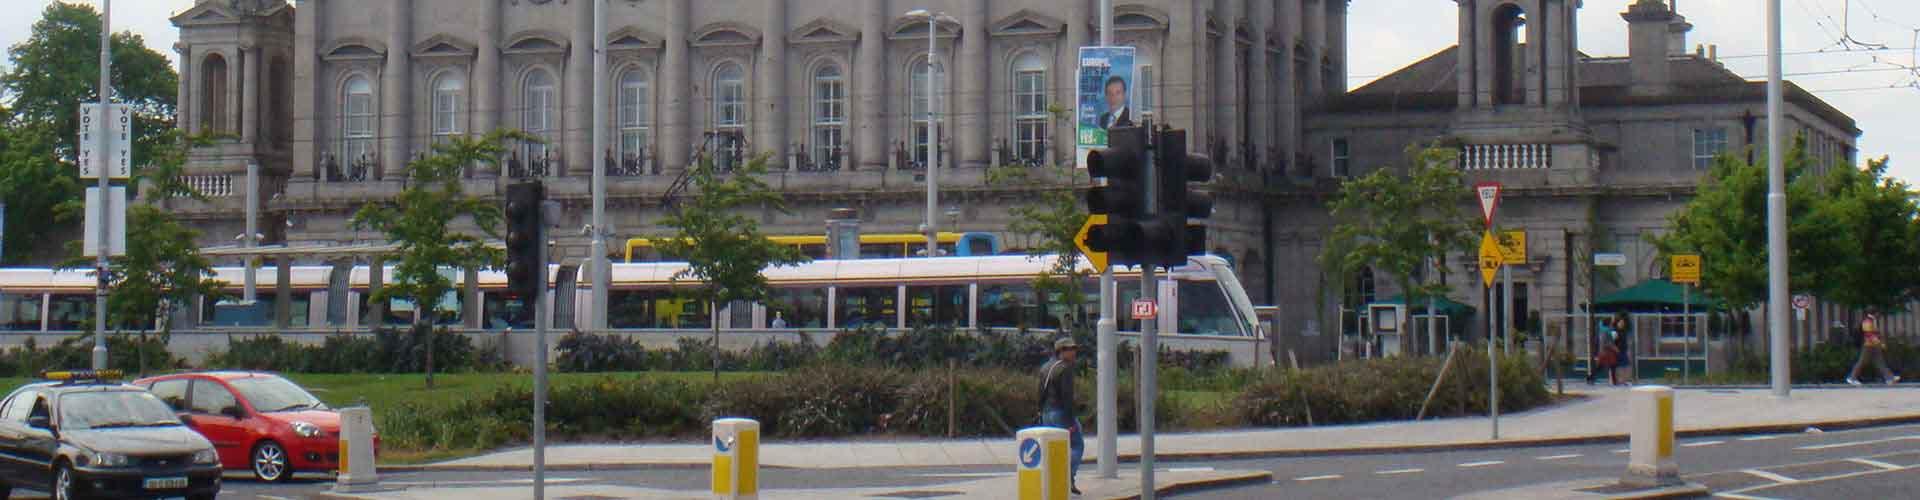 Dublino – Ostelli vicini a Dublin Heuston Stazione ferroviaria. Mappe per Dublino, Foto e  Recensioni per ogni Ostello a Dublino.